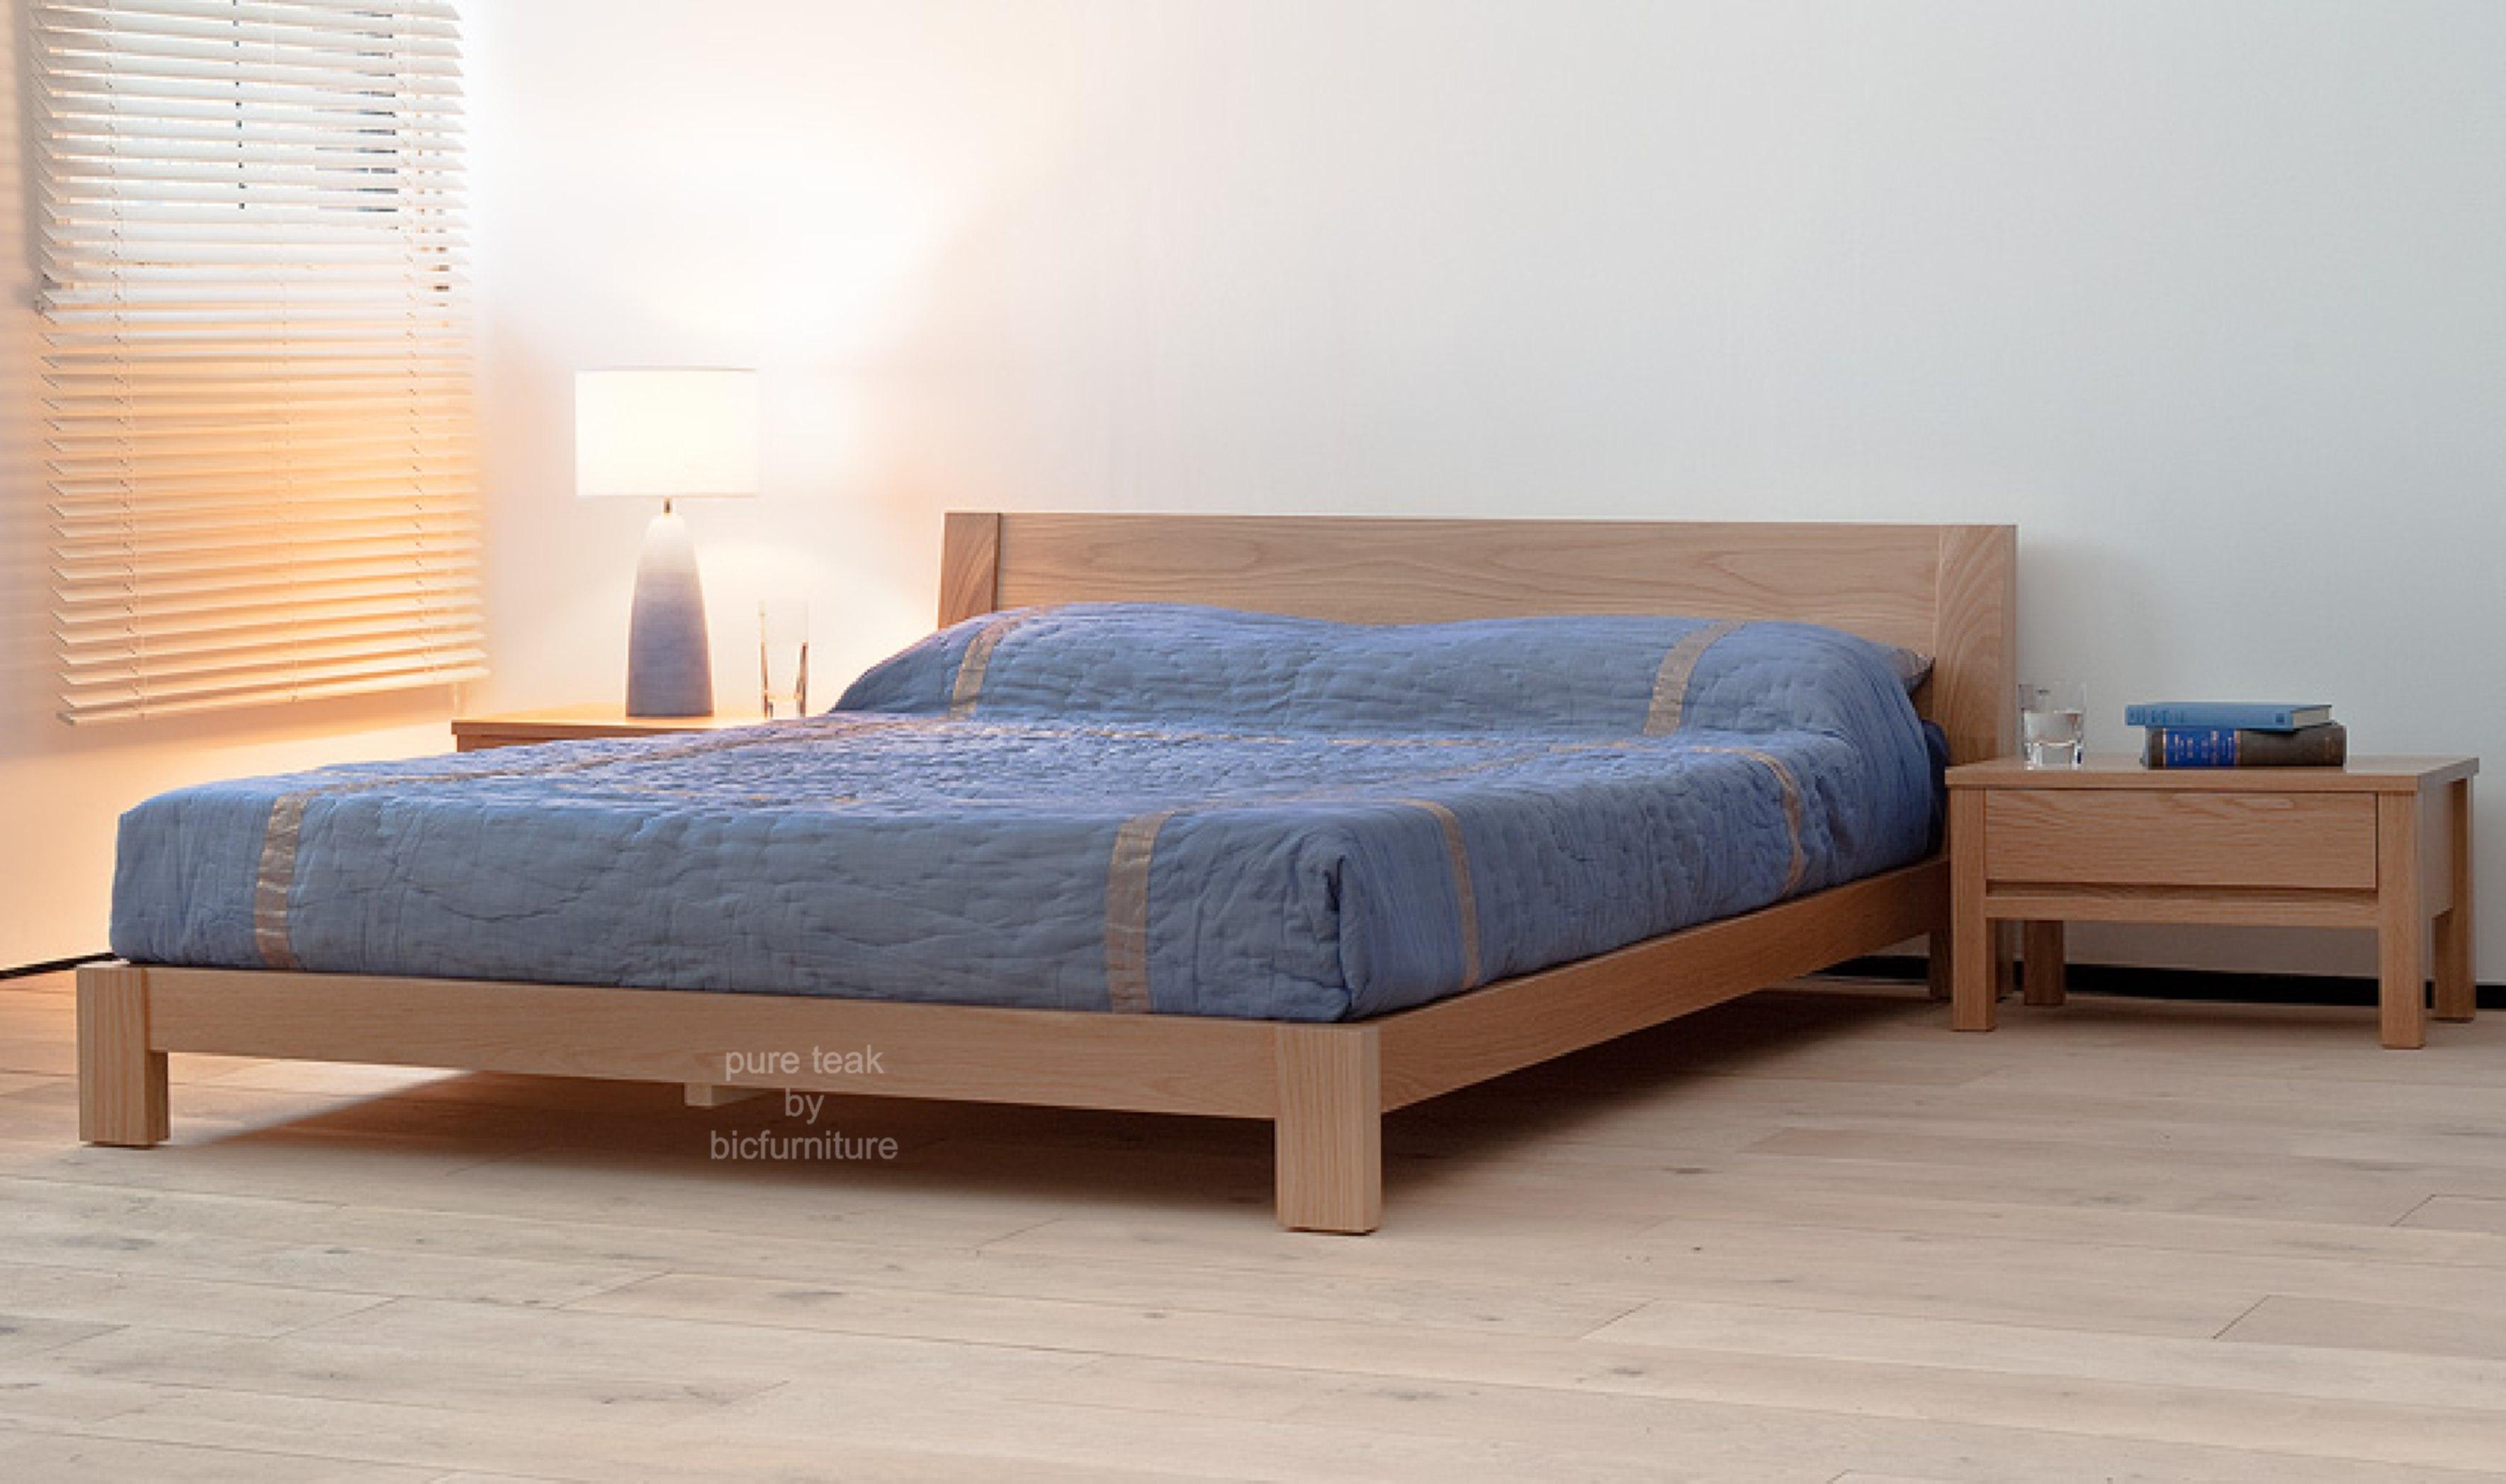 Teakwood Bed By Bic